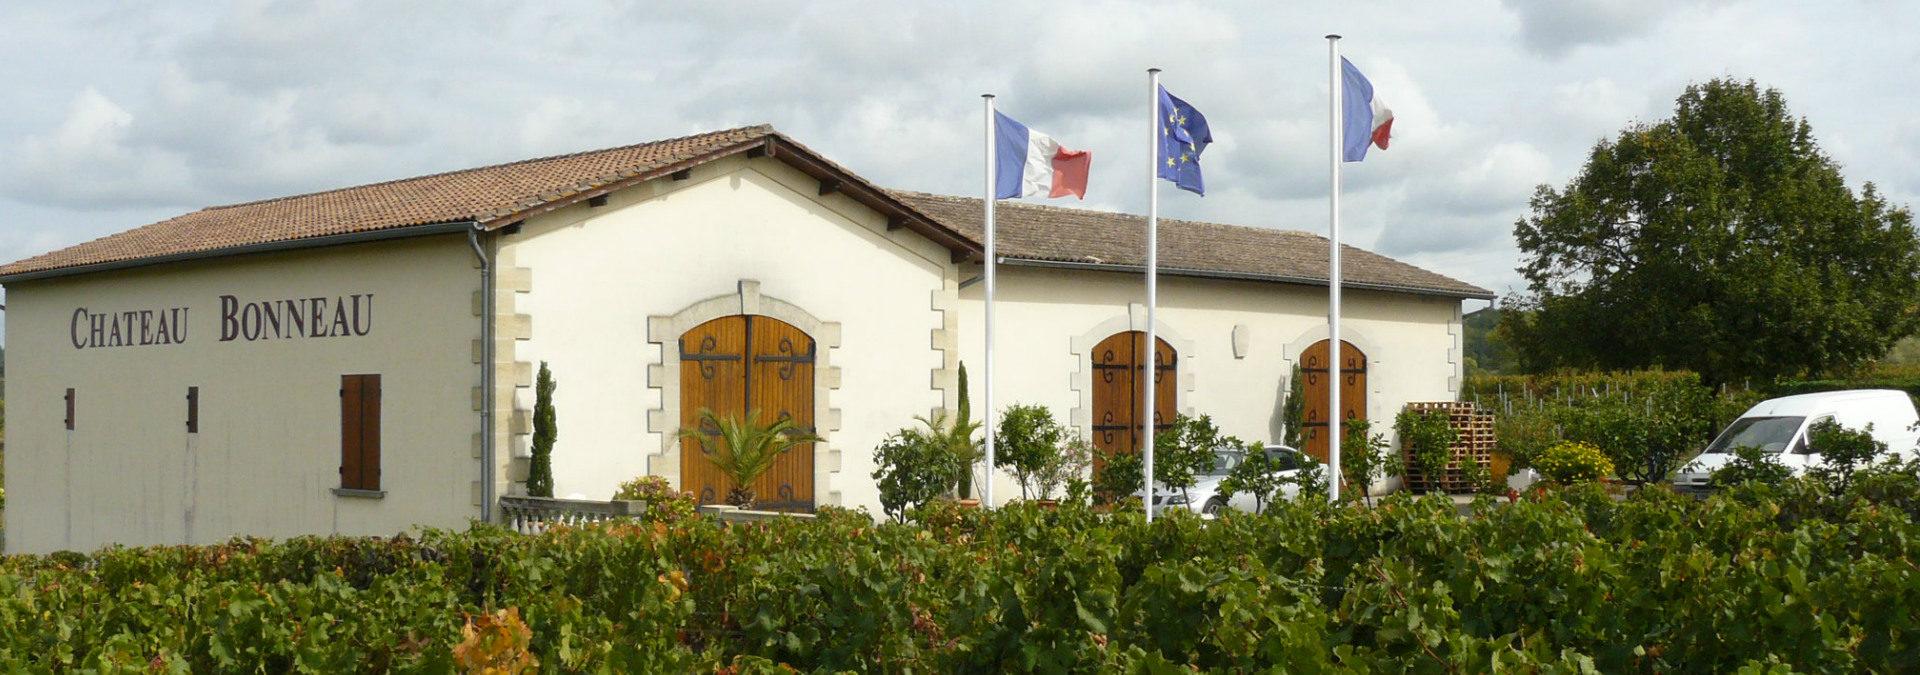 Château Bonneau